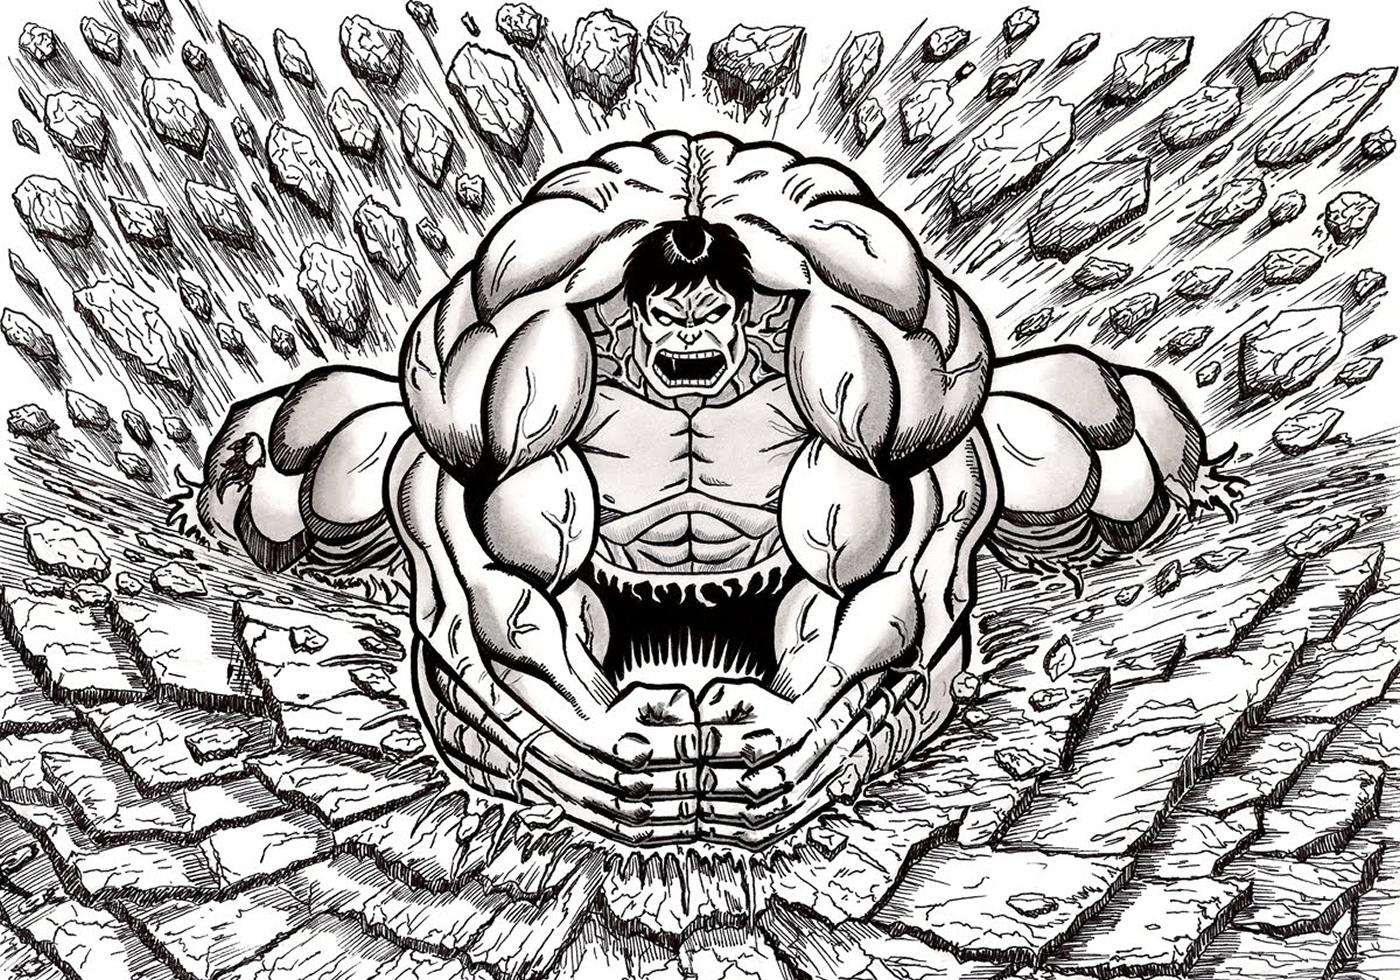 Hulk Smash!!!!!